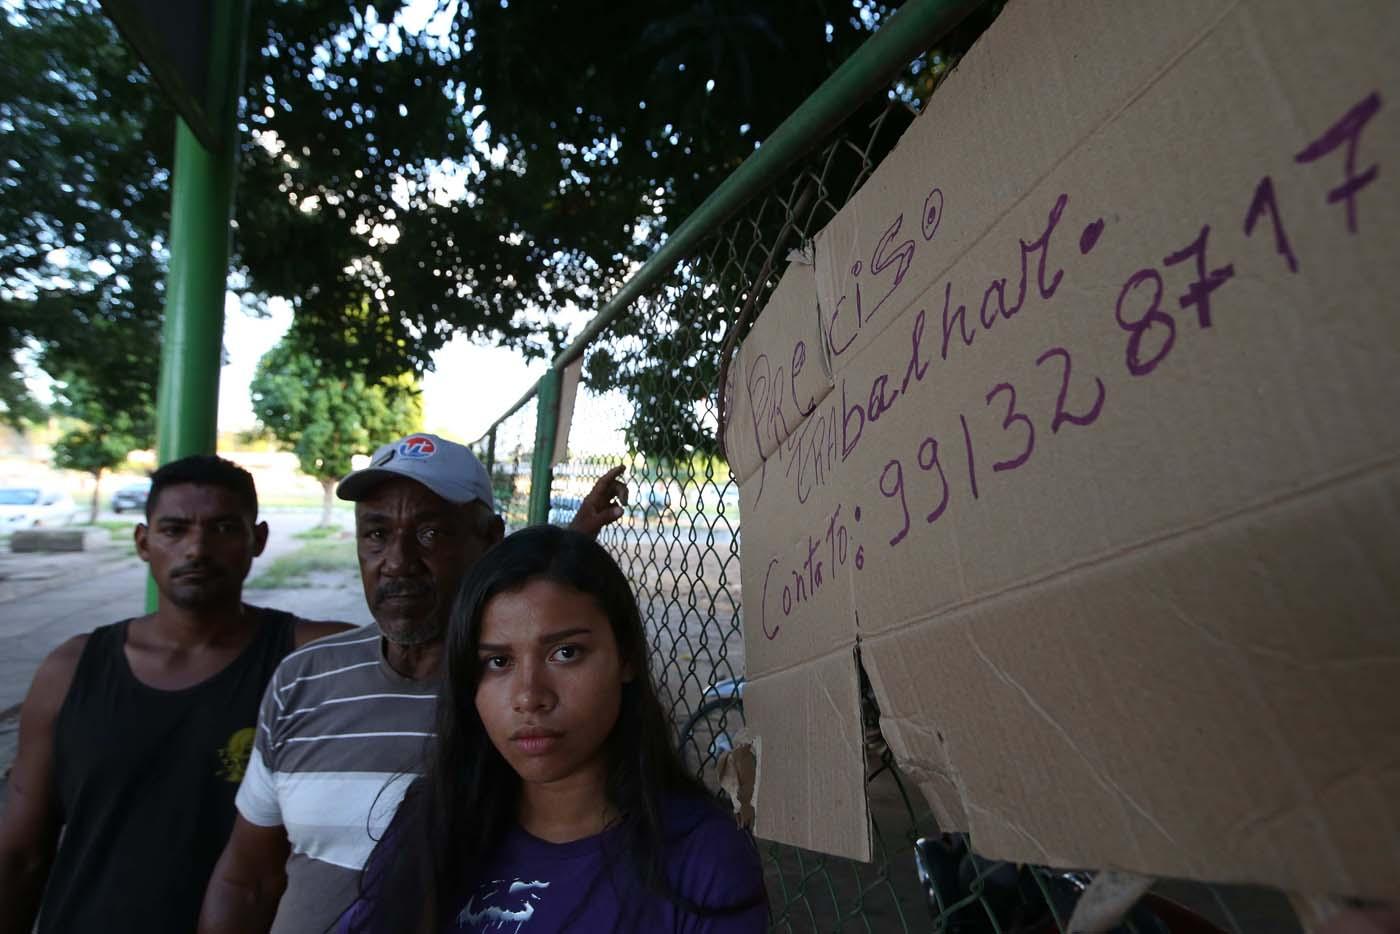 """ACOMPAÑA CRÓNICA: BRASIL VENEZUELA BRA03. BOA VISTA (BRASIL), 22/10/2016.- Los venezolanos Juan Carlos Álvarez (i), Víctor Soto (c) y Sairelis Ríos (d) buscan trabajo este jueves, 20 de octubre de 2016, en Boa Vista, estado de Roraima (Brasil). Es venezolana, tiene 20 años, quiere ser traductora y hoy, en una hamaca colgada en un árbol que ha convertido en su casa en la ciudad brasileña de Boa Vista, mece unos sueños que, según aseguró, no serán truncados por """"el fracaso de una revolución"""". """"No estoy aquí por política. Lo que me trajo aquí fue el fracaso de unas políticas"""", dijo a Efe Sairelis Ríos, quien junto a su madre Keila y una decena de venezolanos vive en plena calle, frente a la terminal de autobuses de Boa Vista, una ciudad que en los últimos meses ha recibido unos 2.500 emigrantes de ese país vecino. EFE/Marcelo Sayão"""